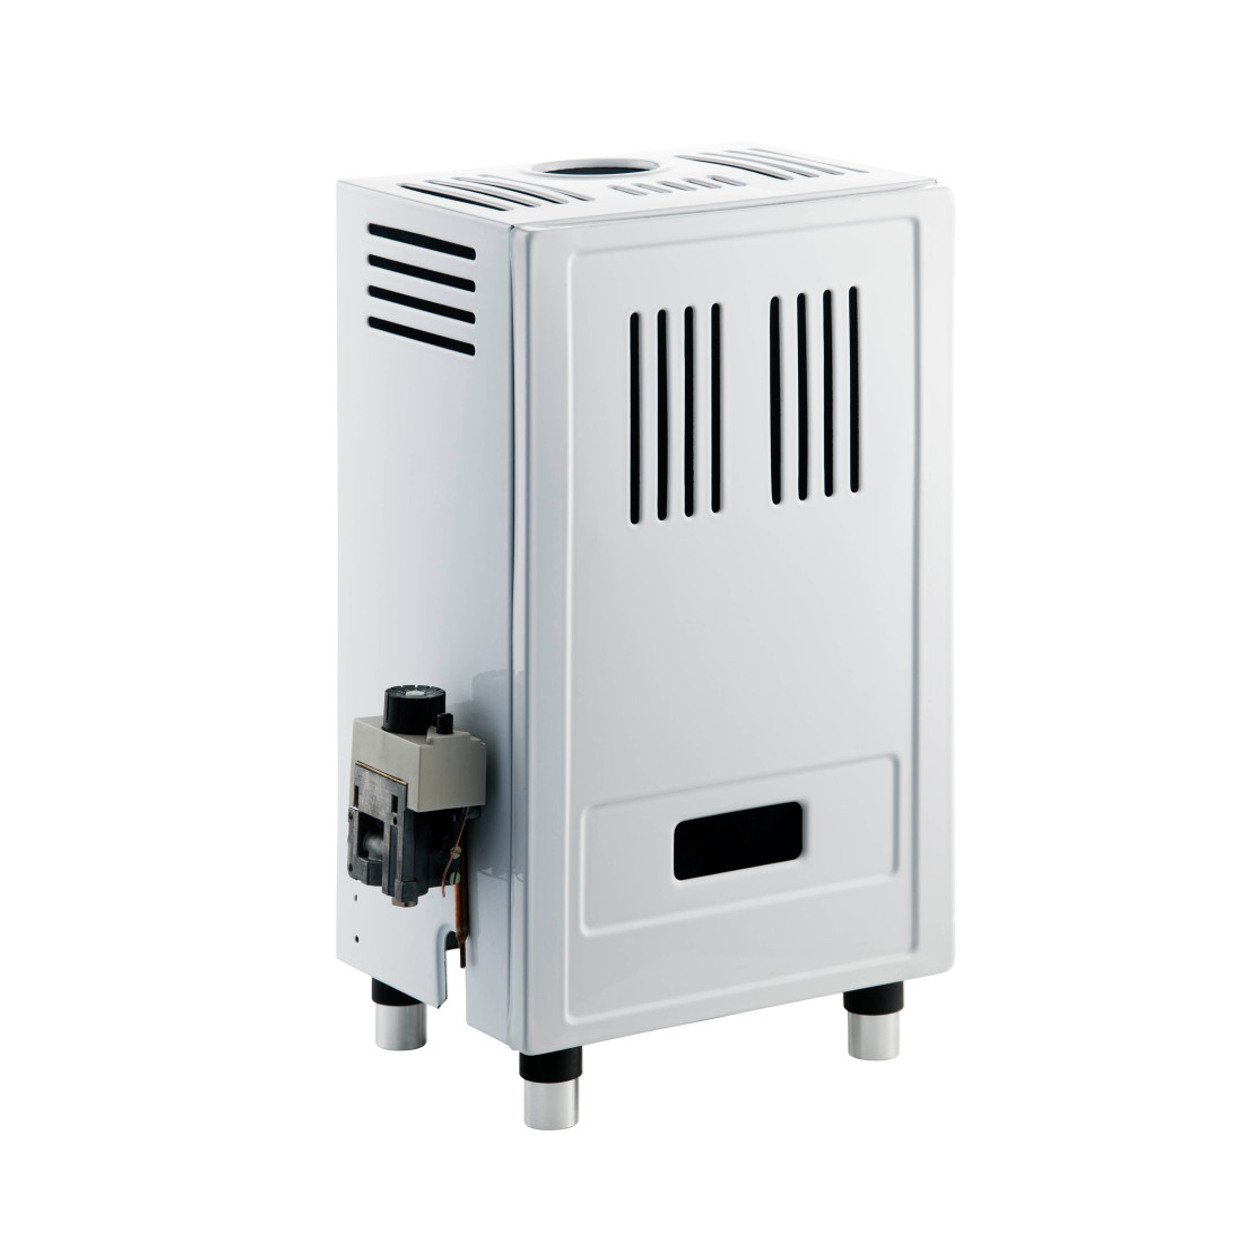 Stufa a gas Olimpia Splendid SG45T bianca 4 kW 75 m3 cod 99738 ...